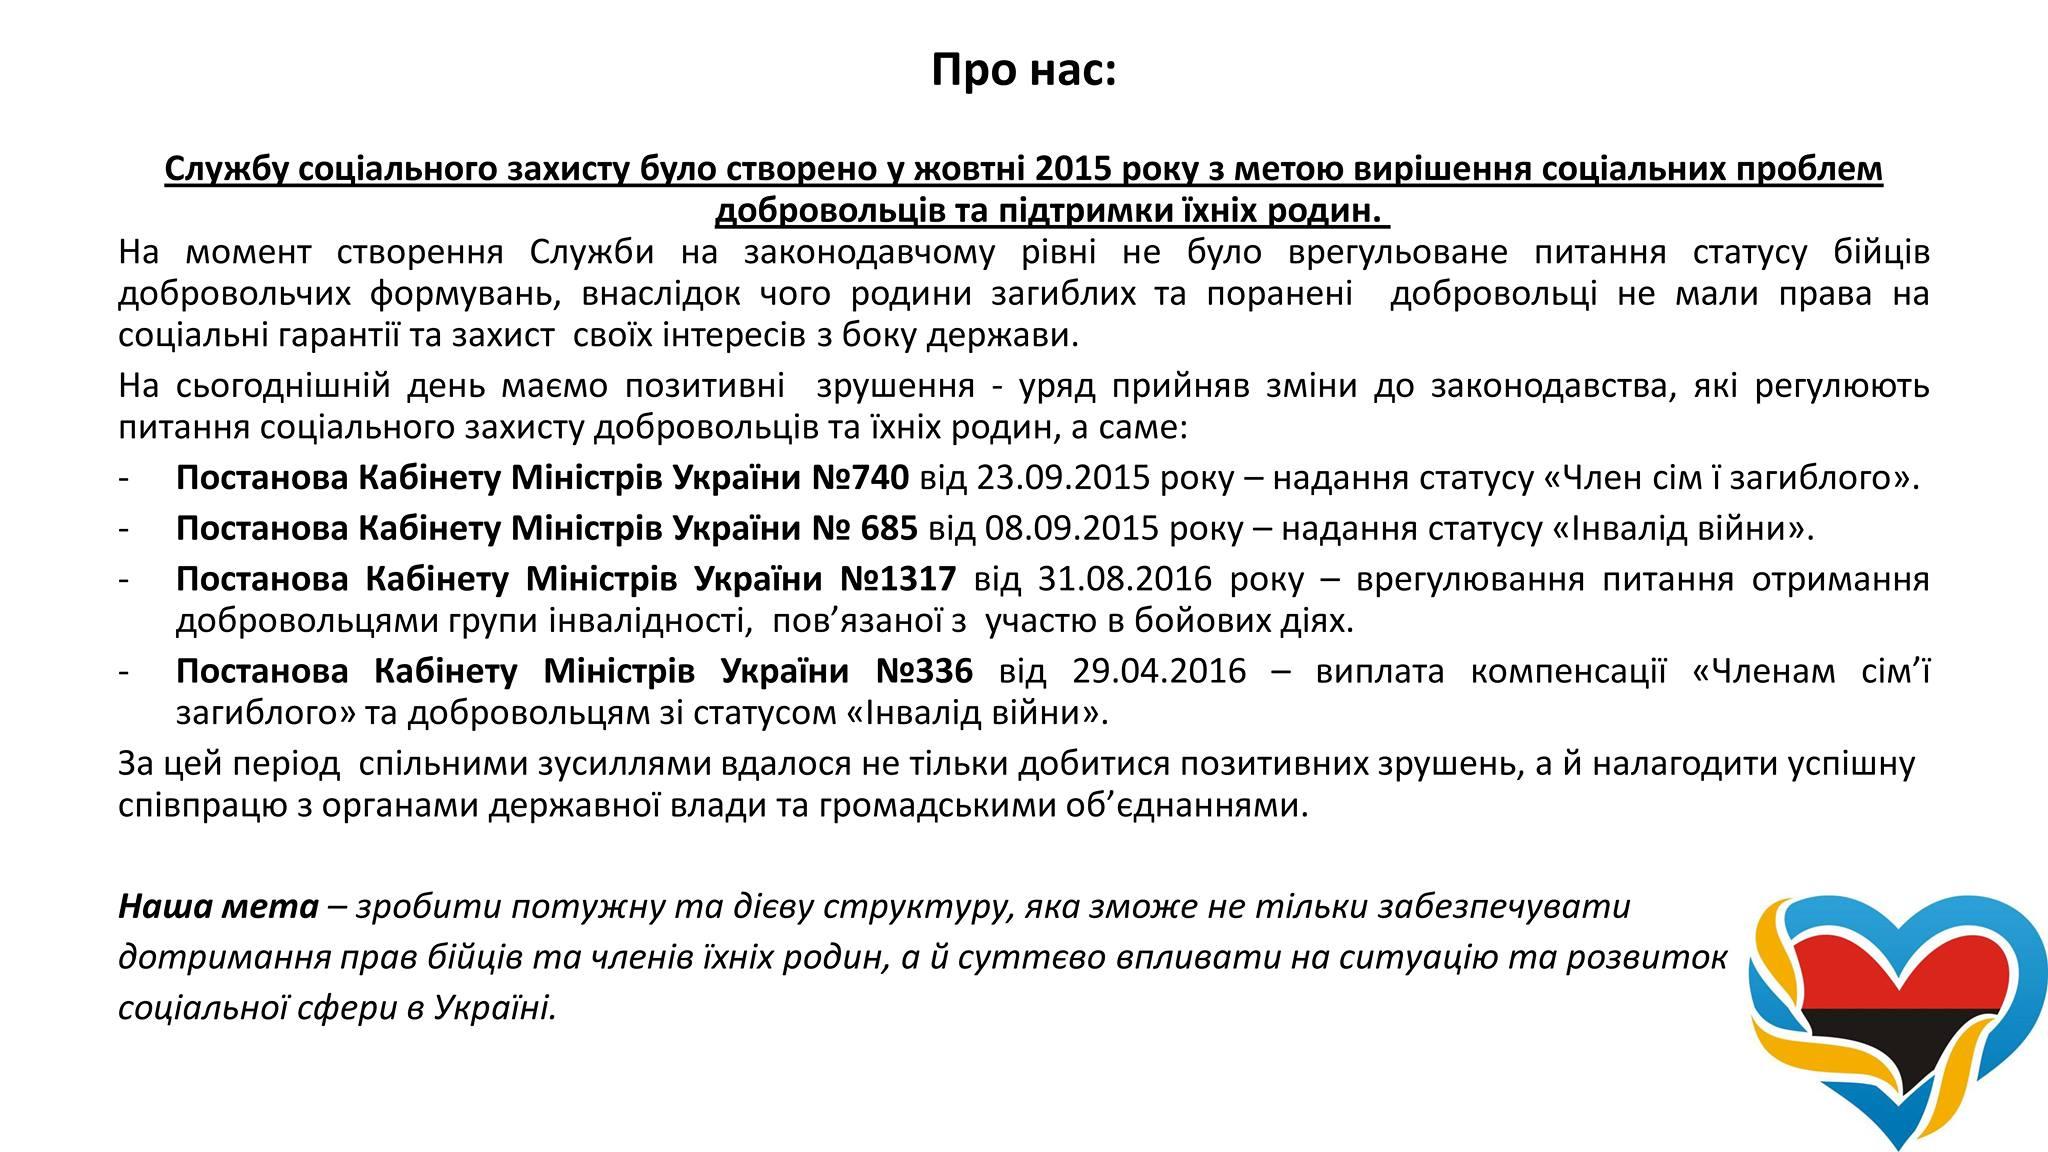 Звіт роботи соціальної служби добровольців ДУК-УДА